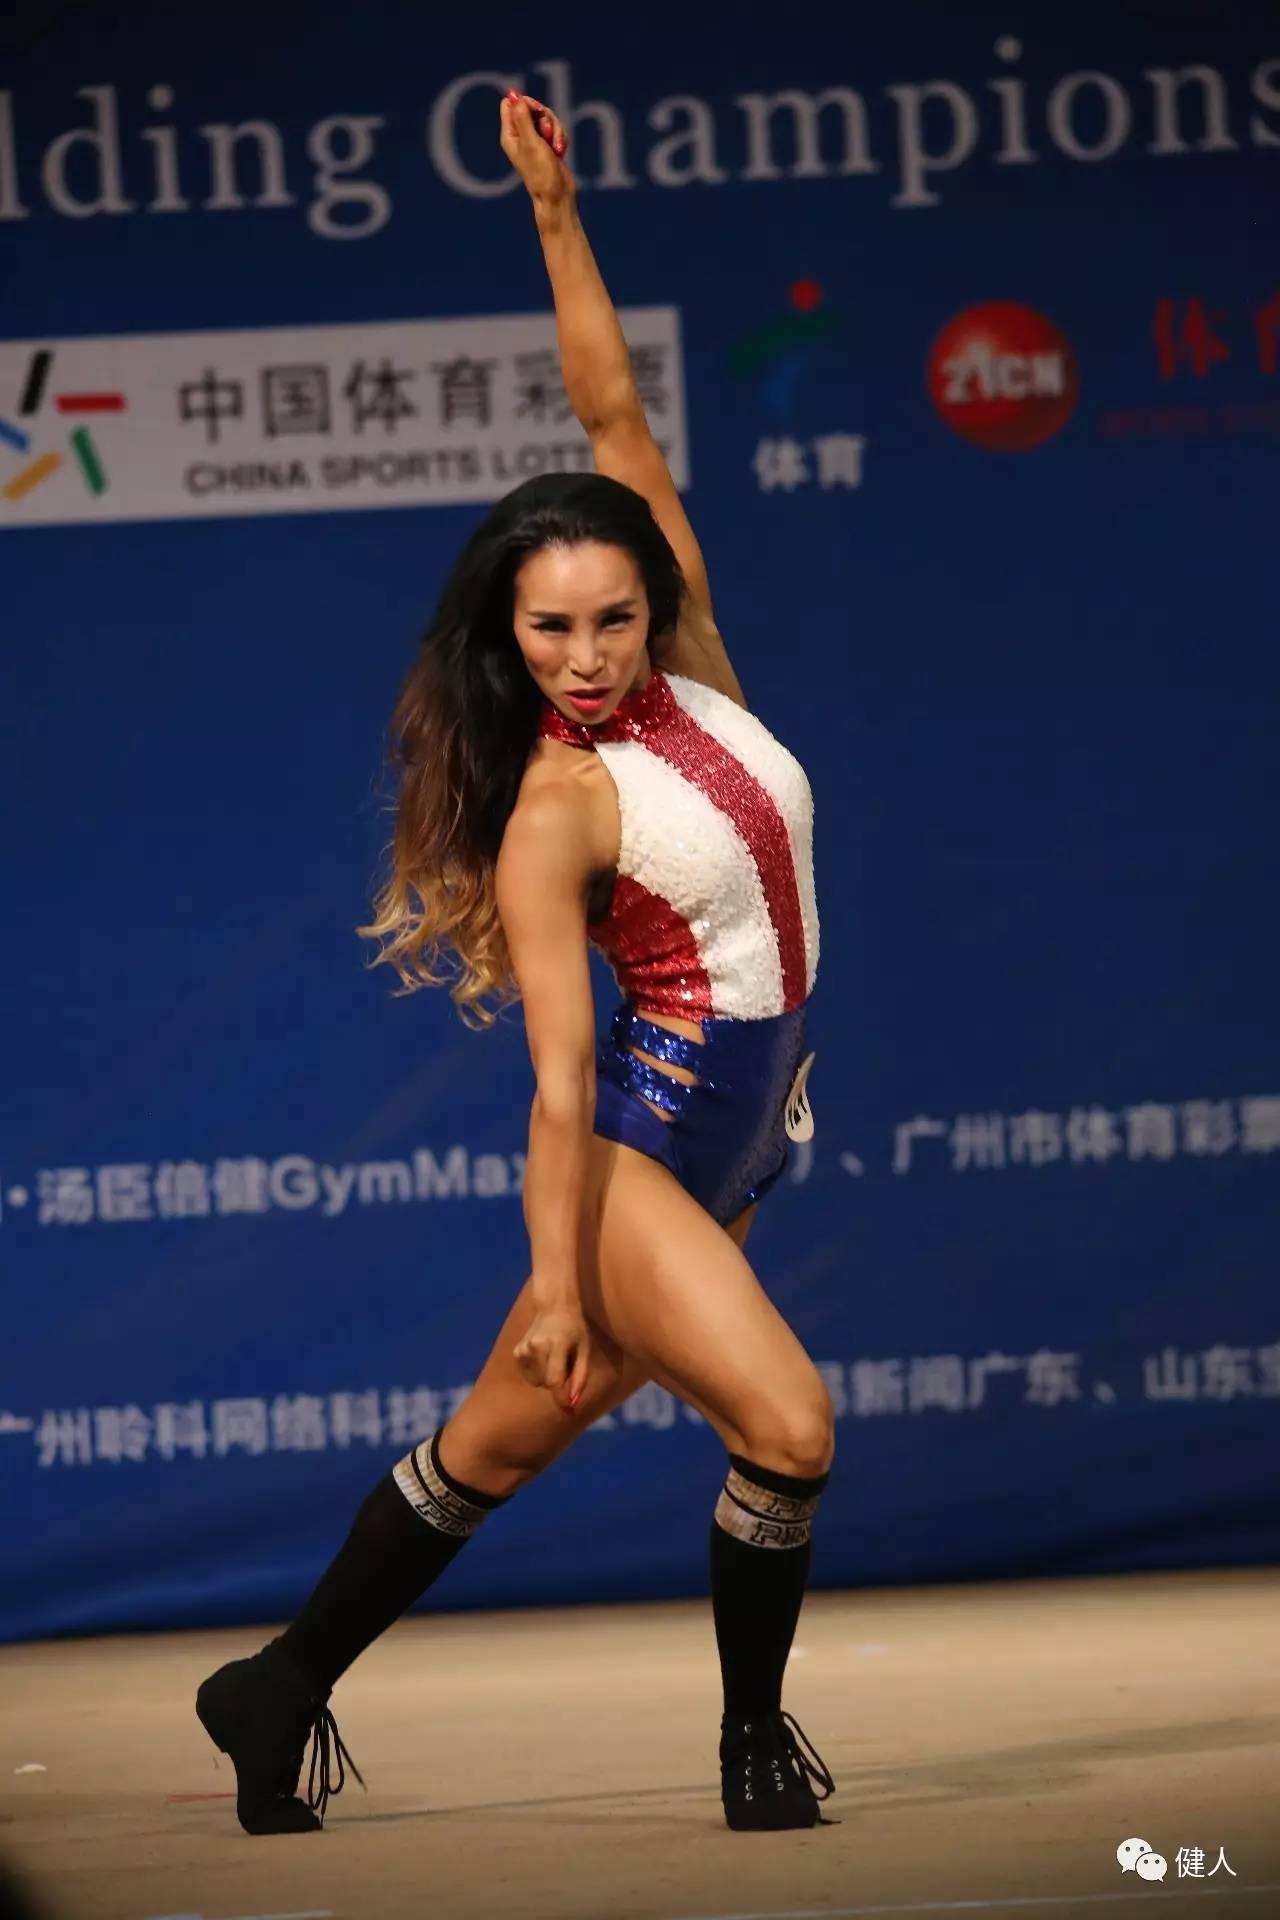 羊城论健LOOKSEE杯广州健身健美锦标赛欢电子竞技的工作图片